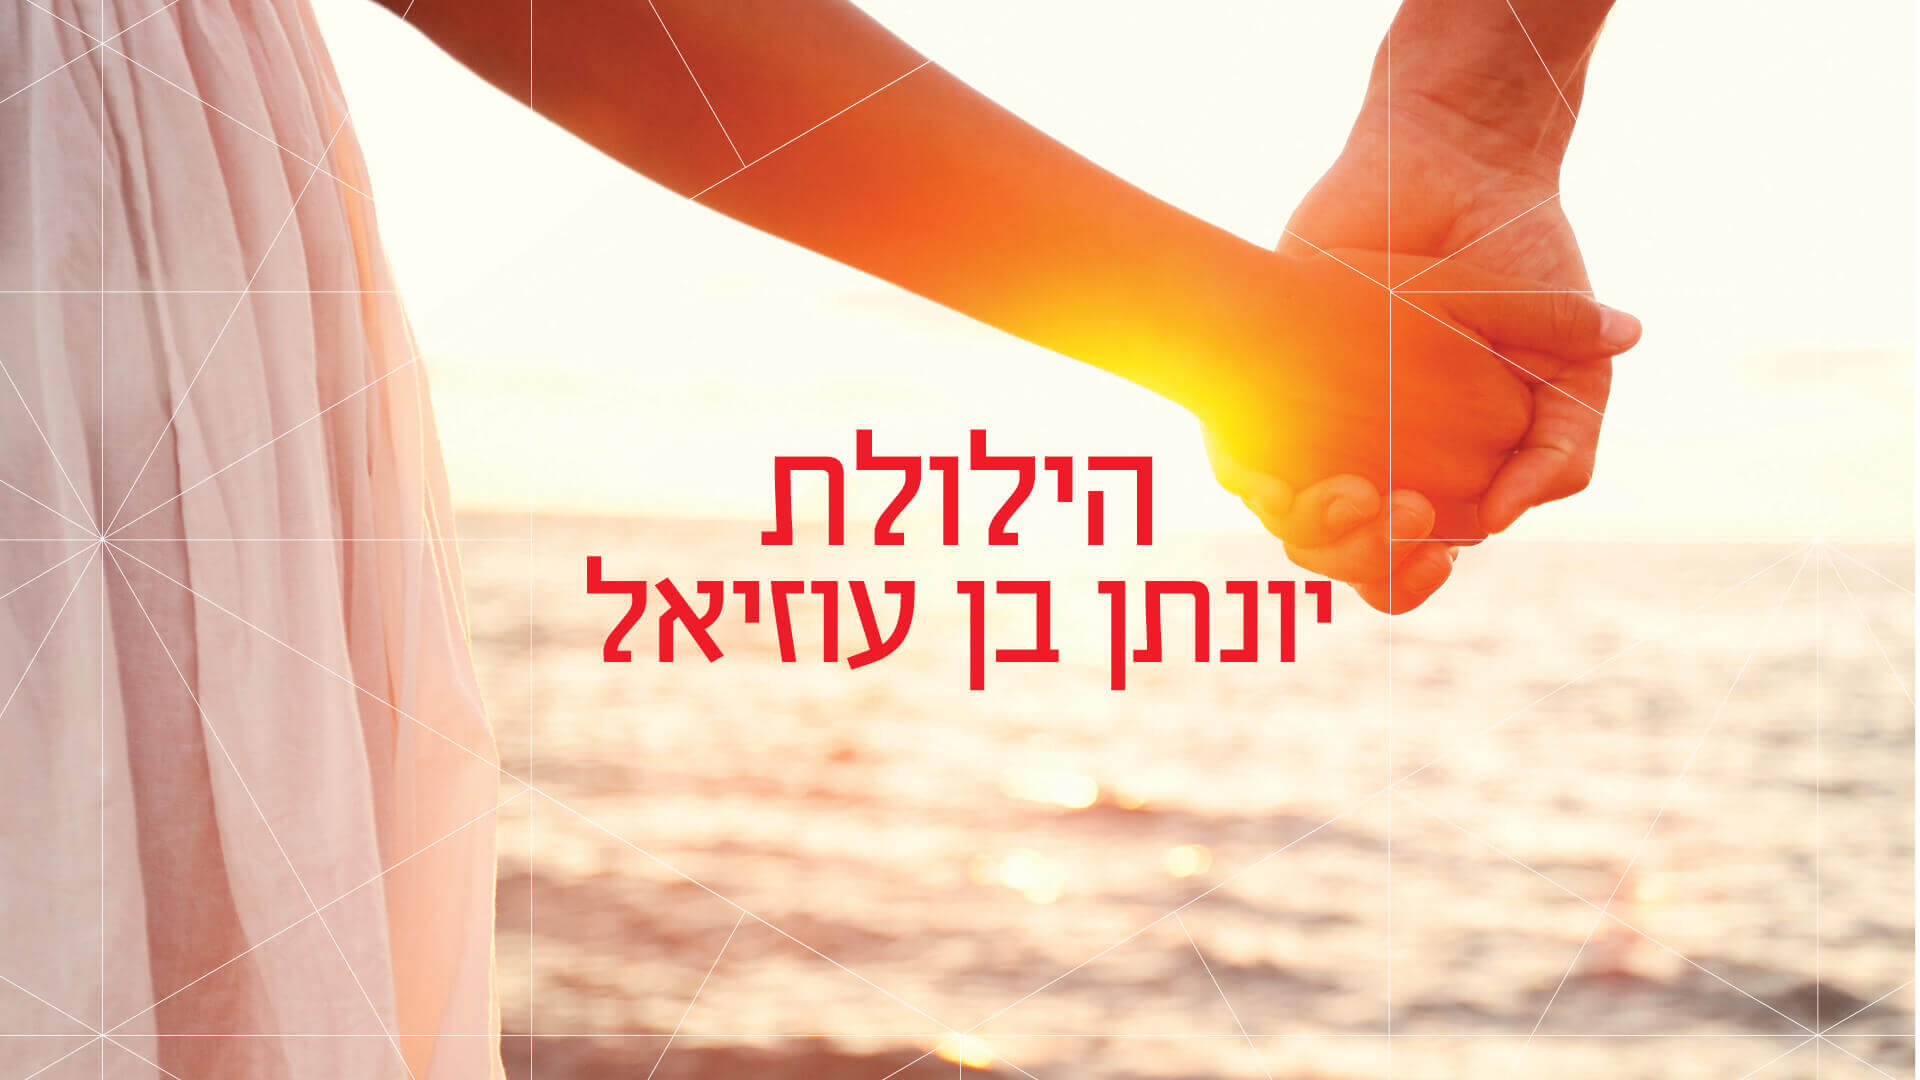 הילולת יונתן בן עוזיאל הדרך לאהבה וזוגיות